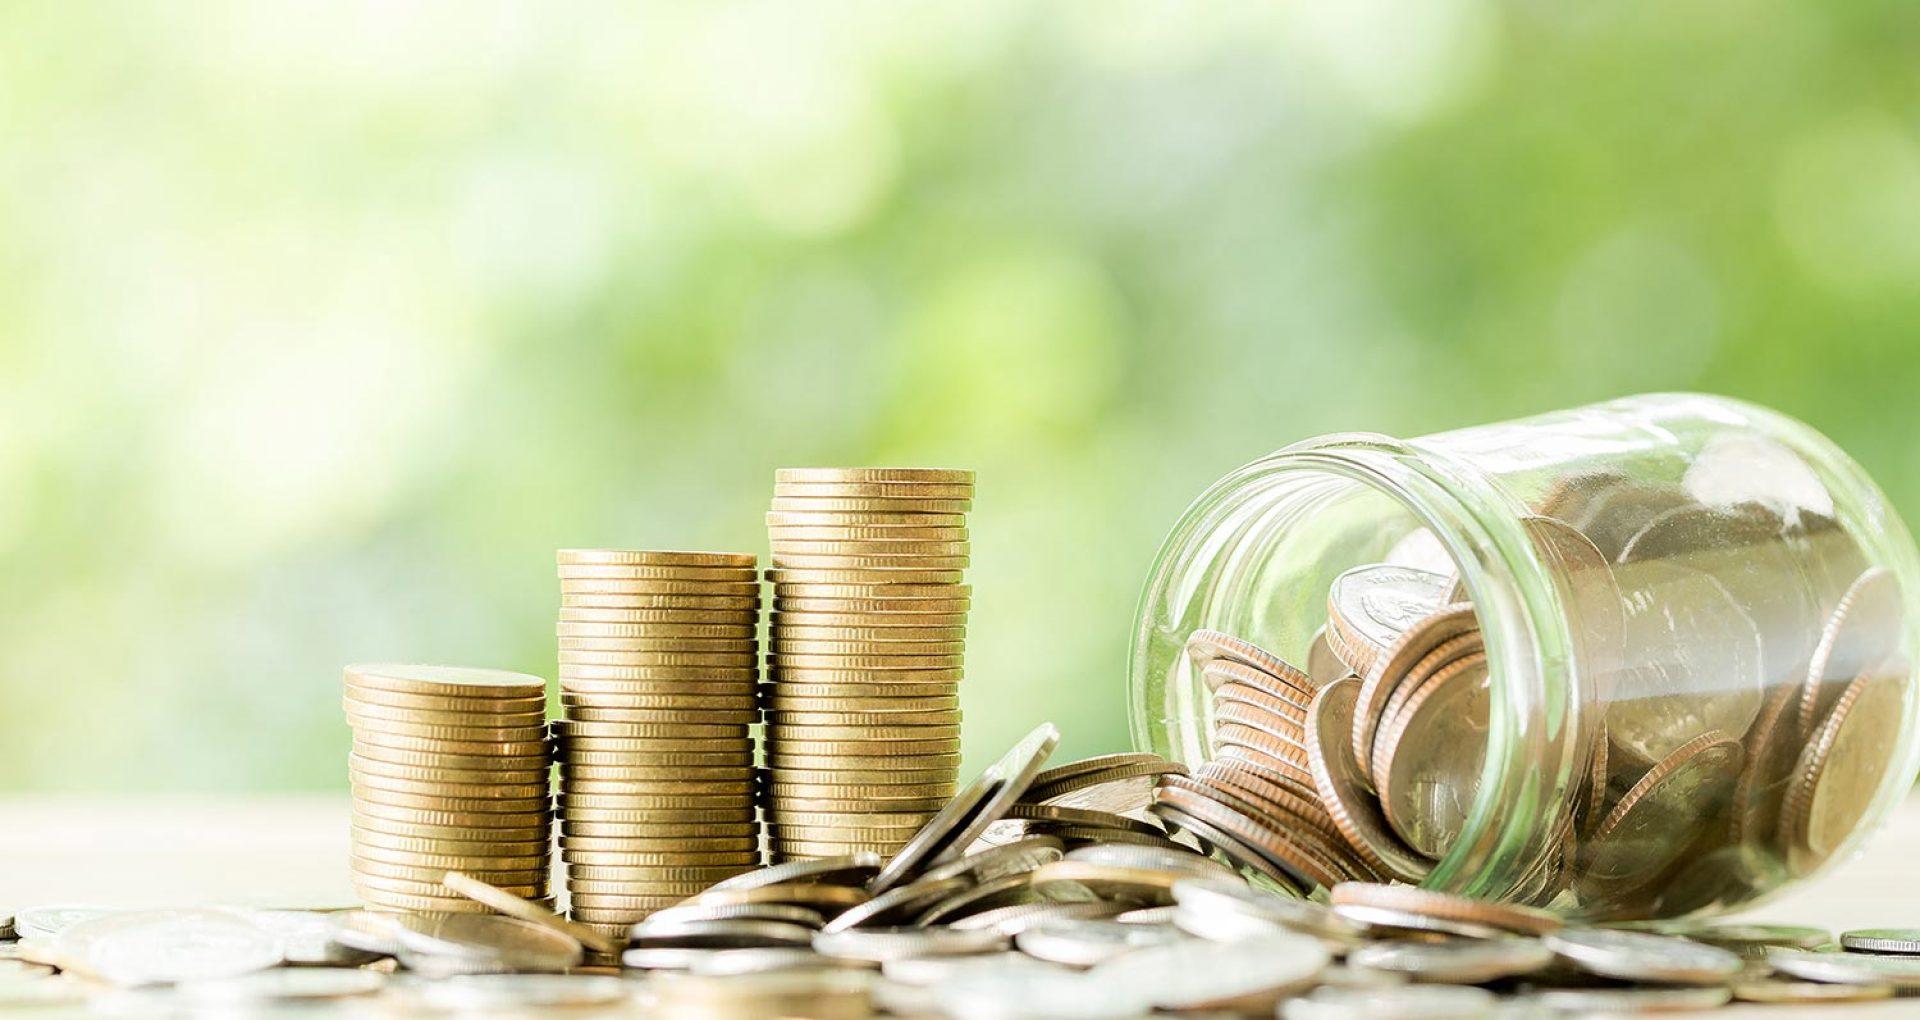 De ce subvenții pot beneficia șomerii care vor să inițieze o afacere?